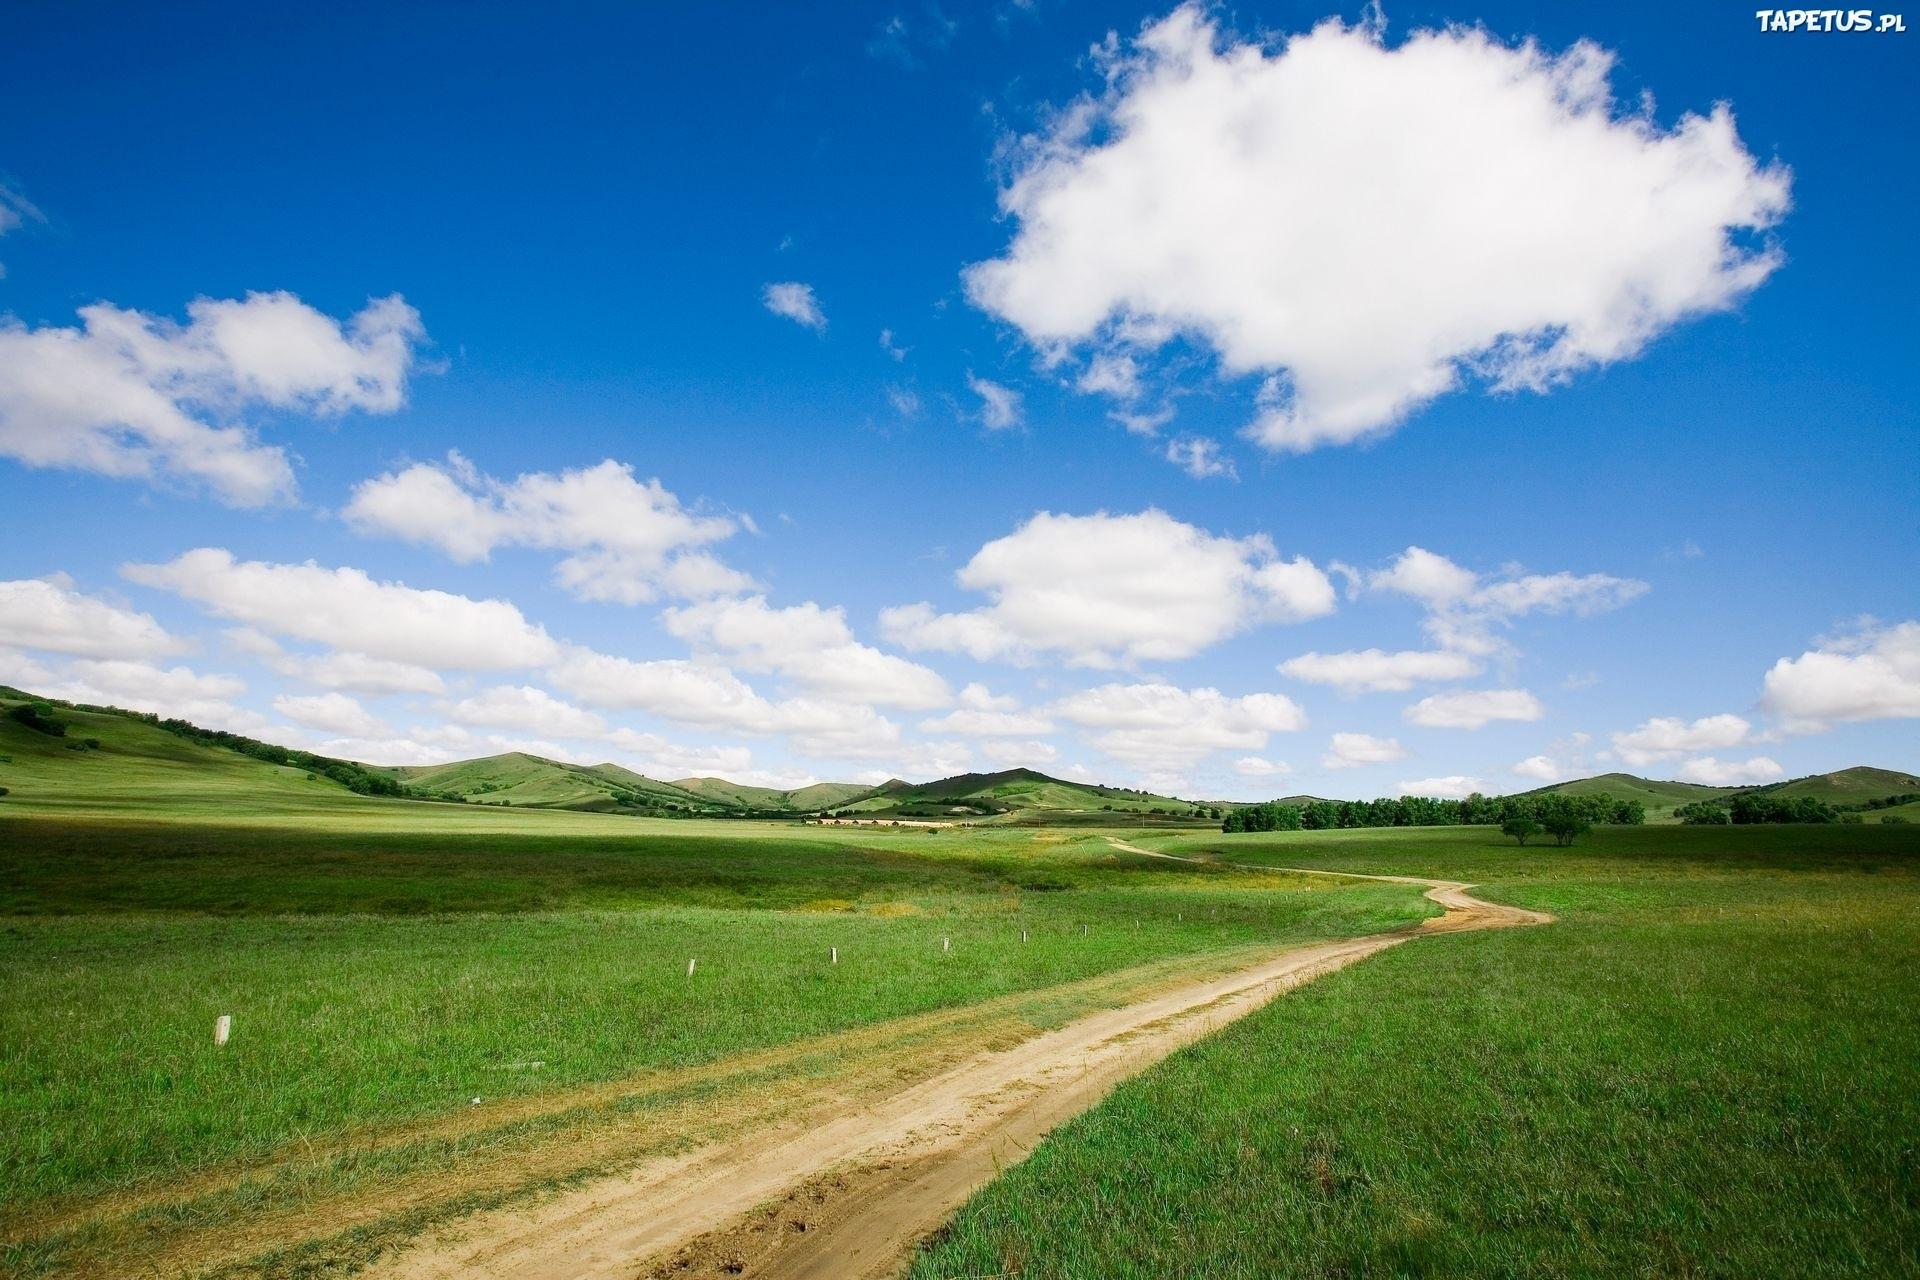 Дорога через зеленое поле  № 2604538 бесплатно